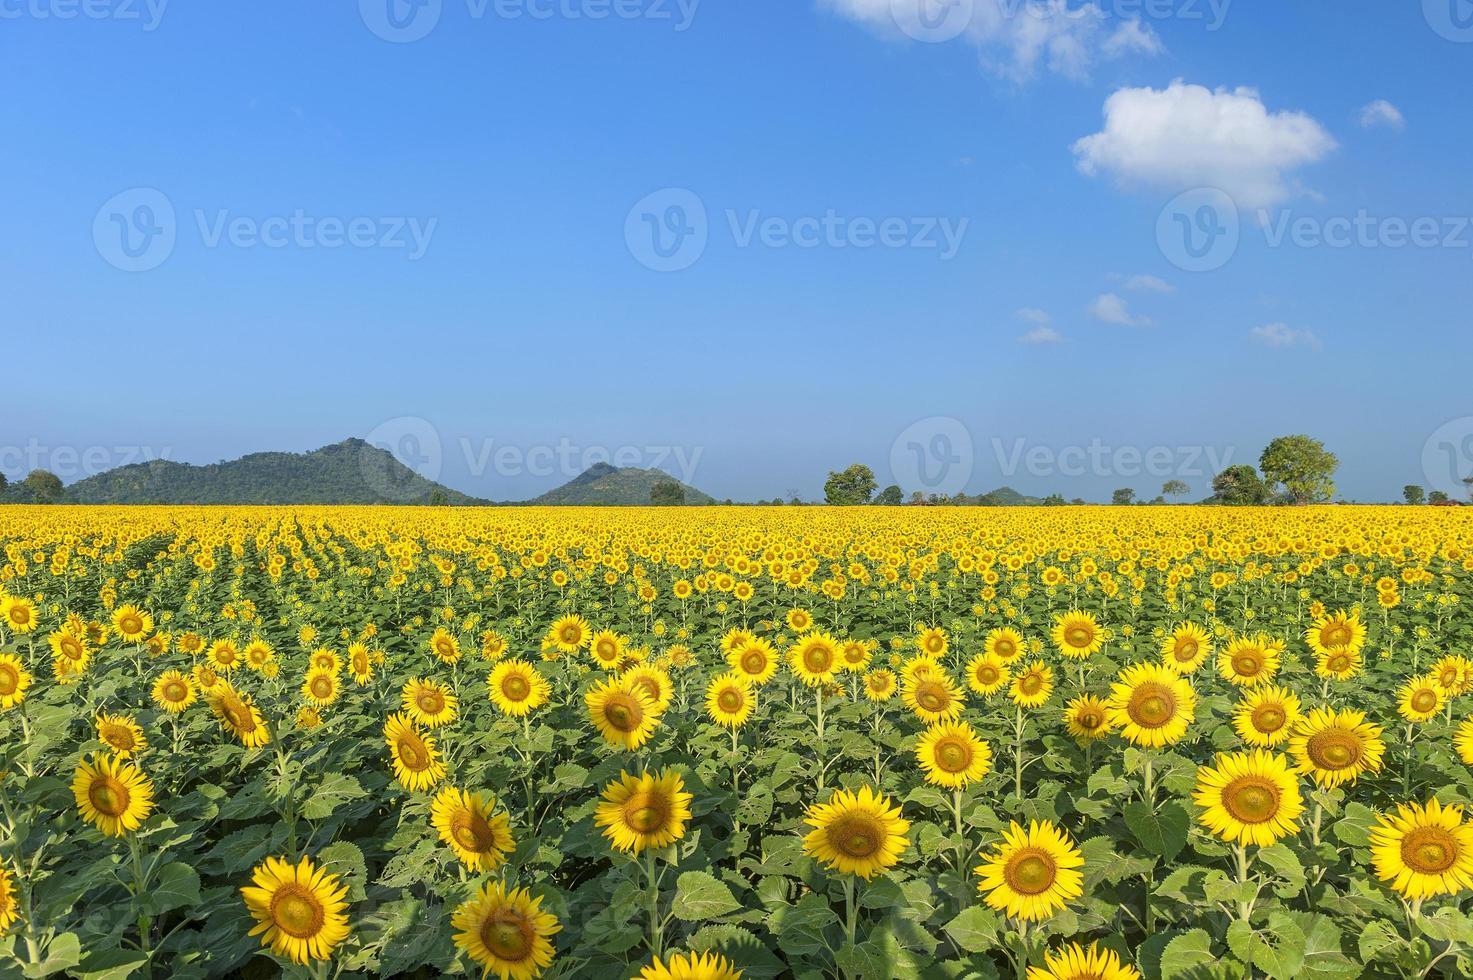 blommande fält av solrosor på blå himmel foto